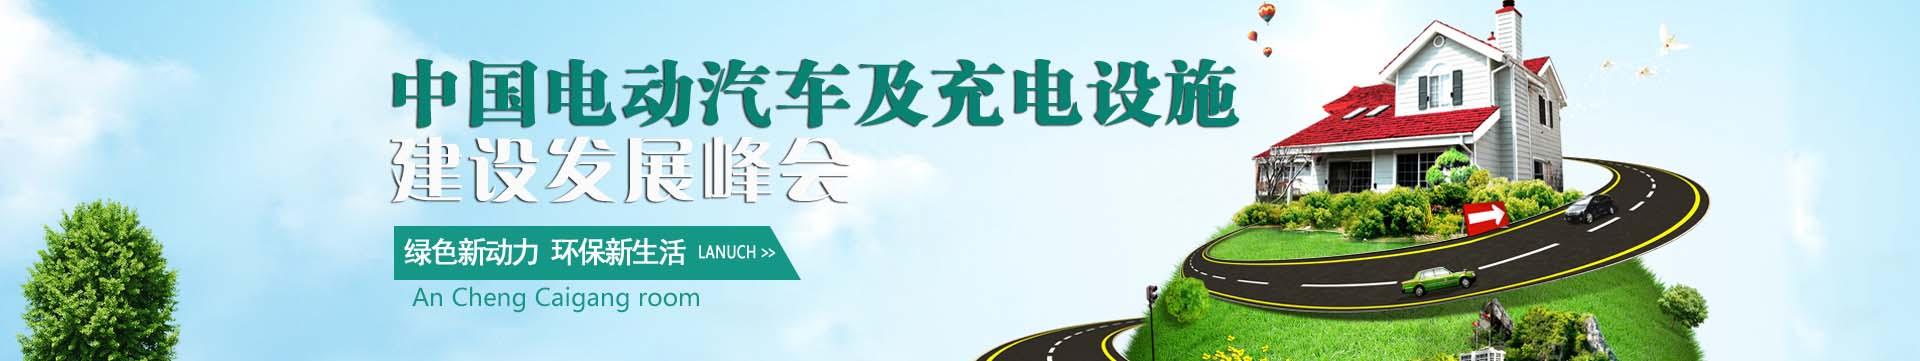 2016中国电动汽车及充电设施建设发展峰会